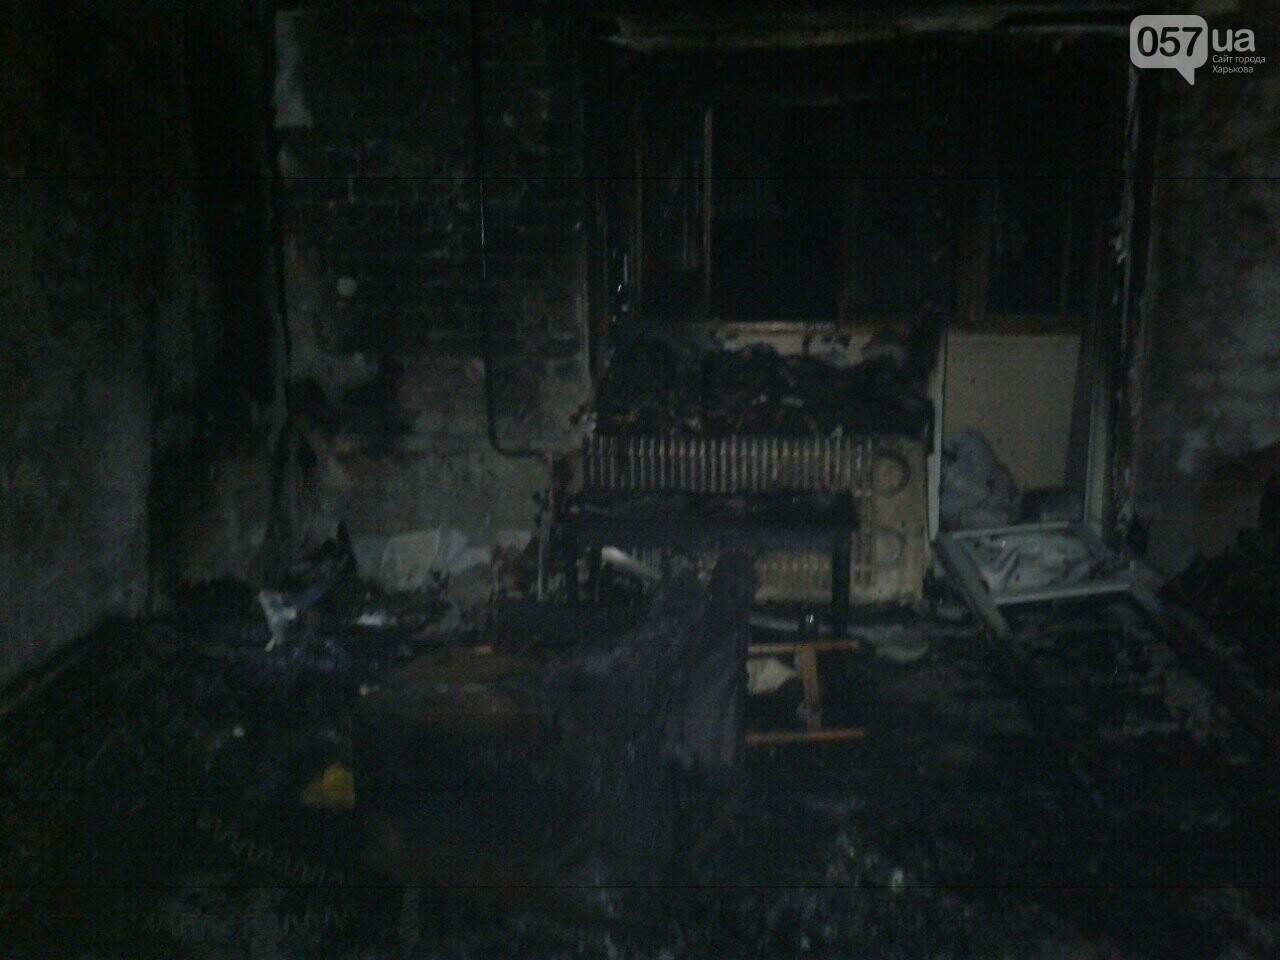 В Харькове из-за короткого замыкания загорелась квартира: погибла женщина и пострадали трое детей, - ФОТО, фото-1